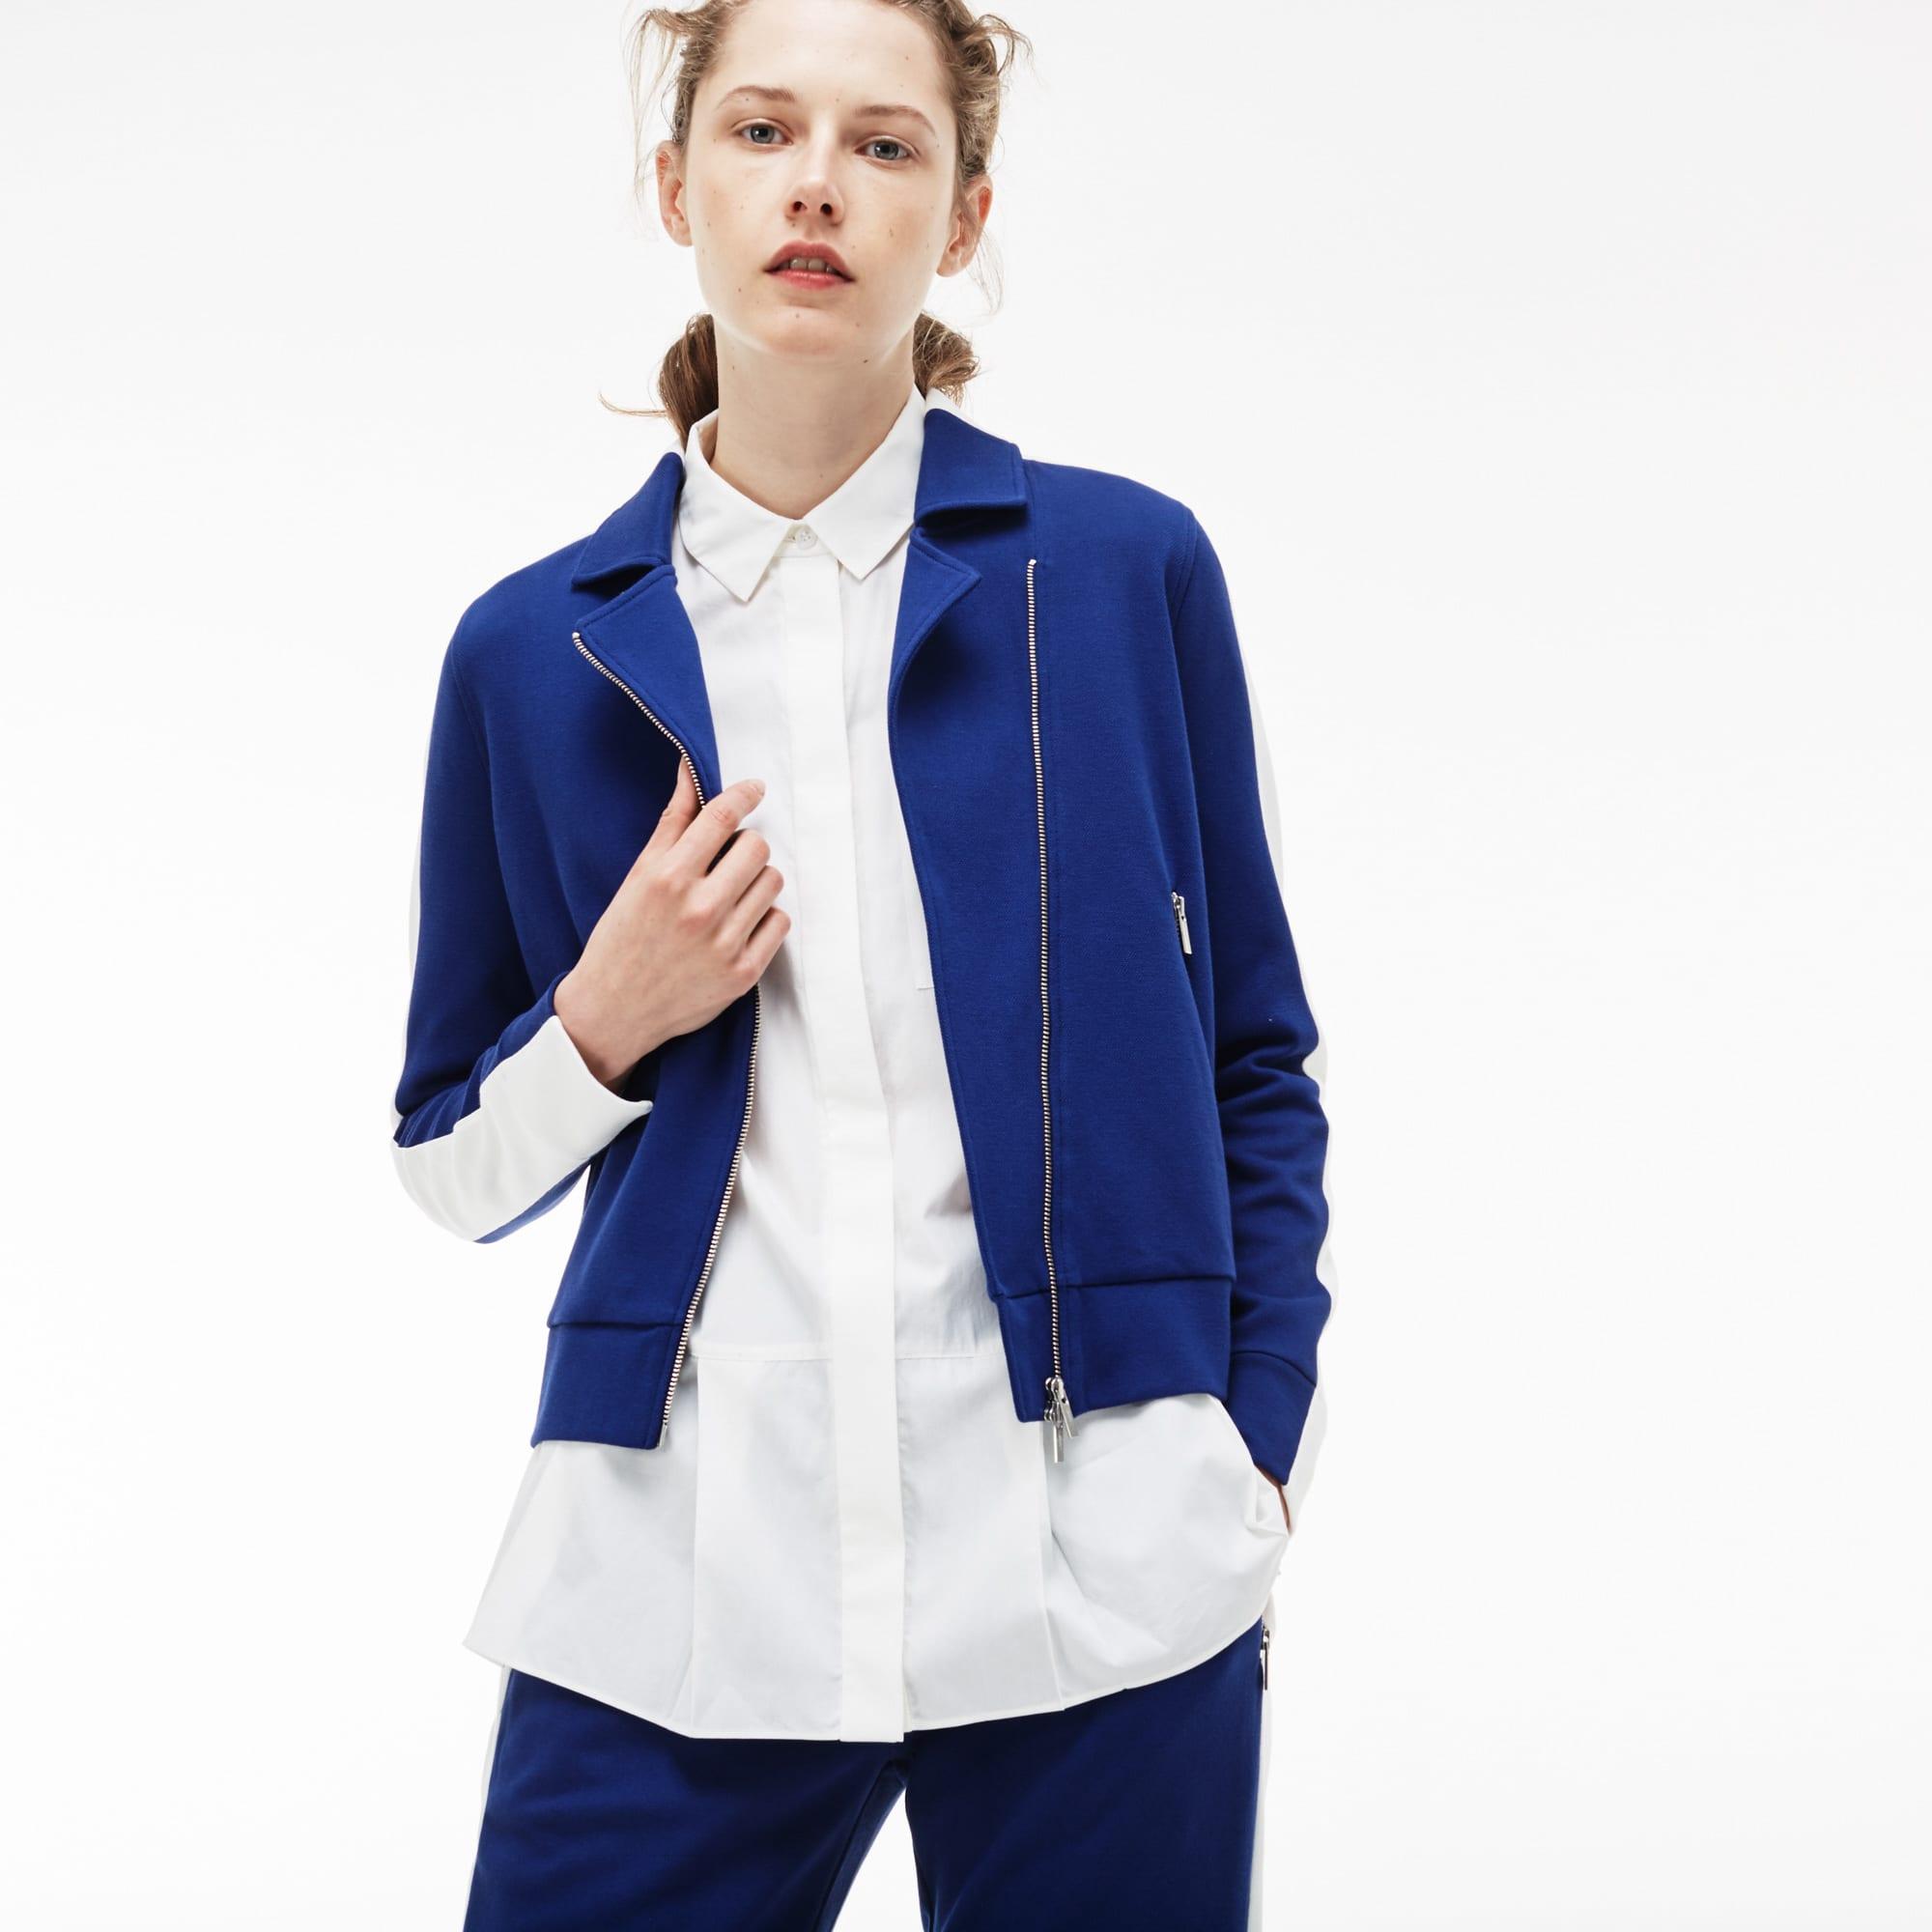 Women's Contrast Band Interlock Piqué Jacket